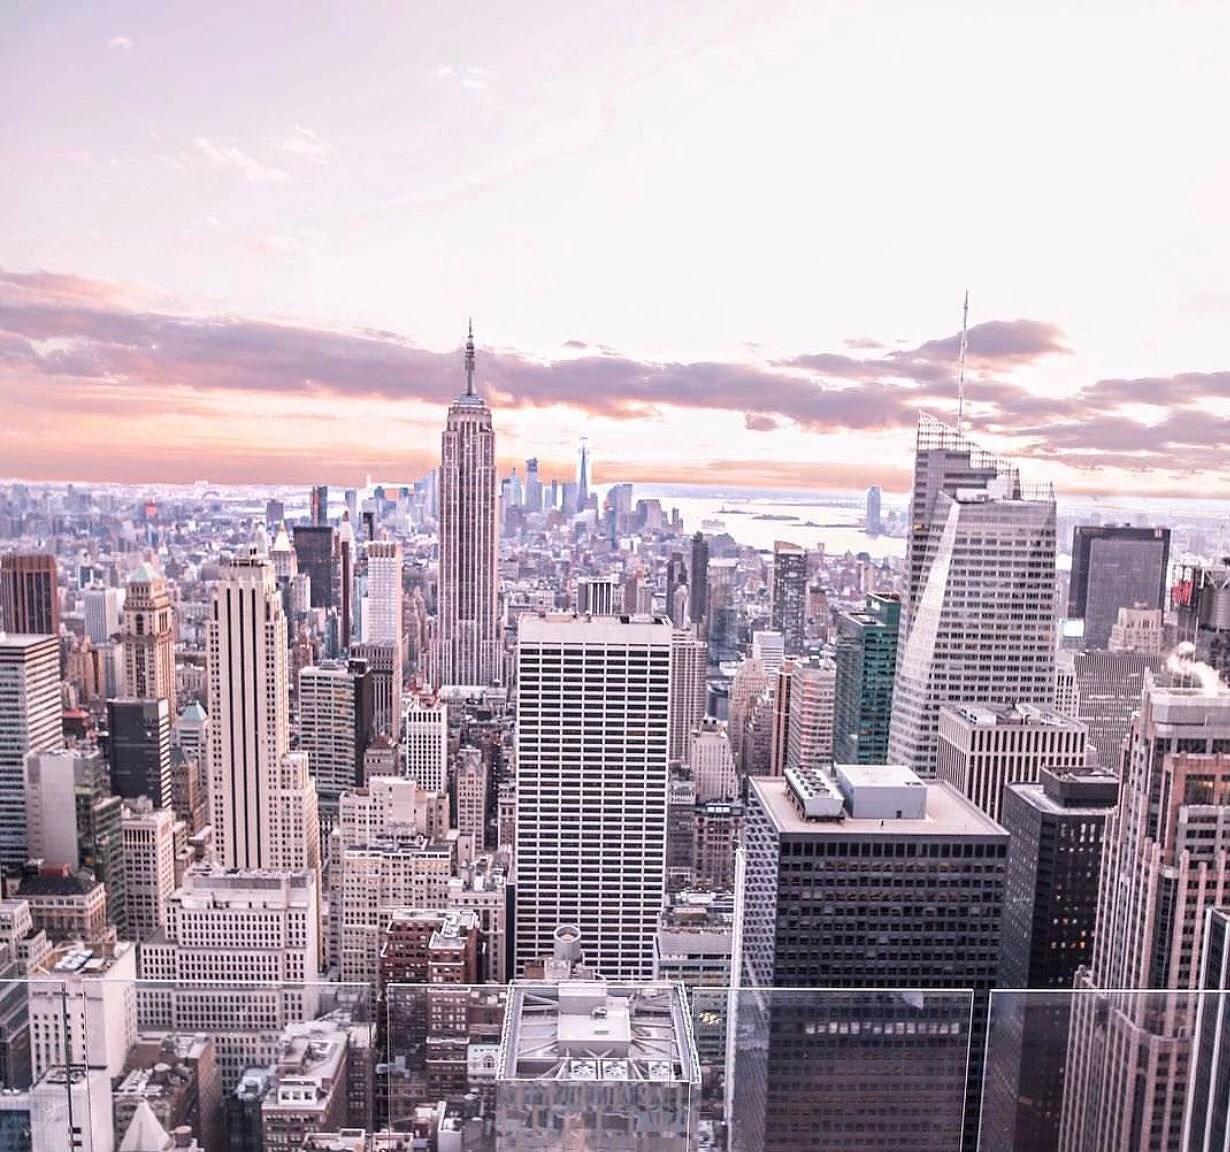 HEJ FRA NEW YORK!